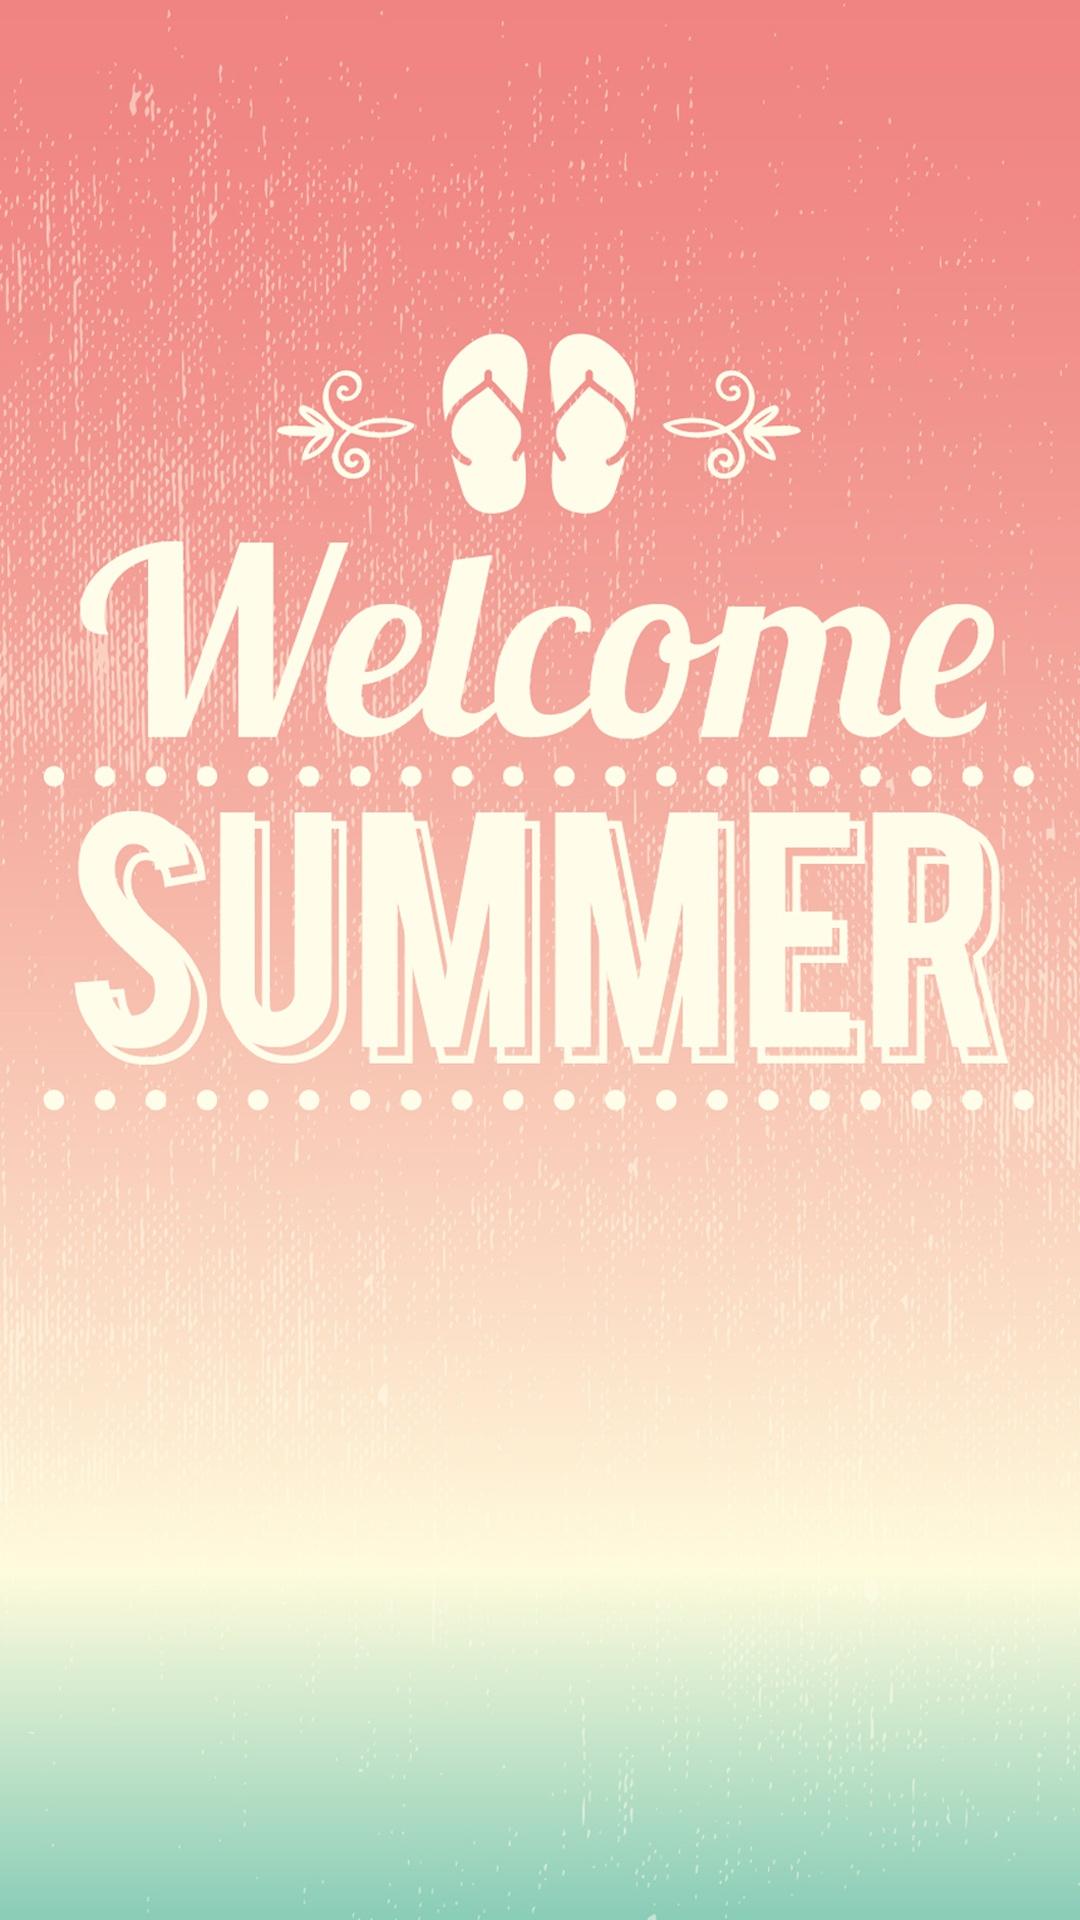 欢迎夏天.jpg